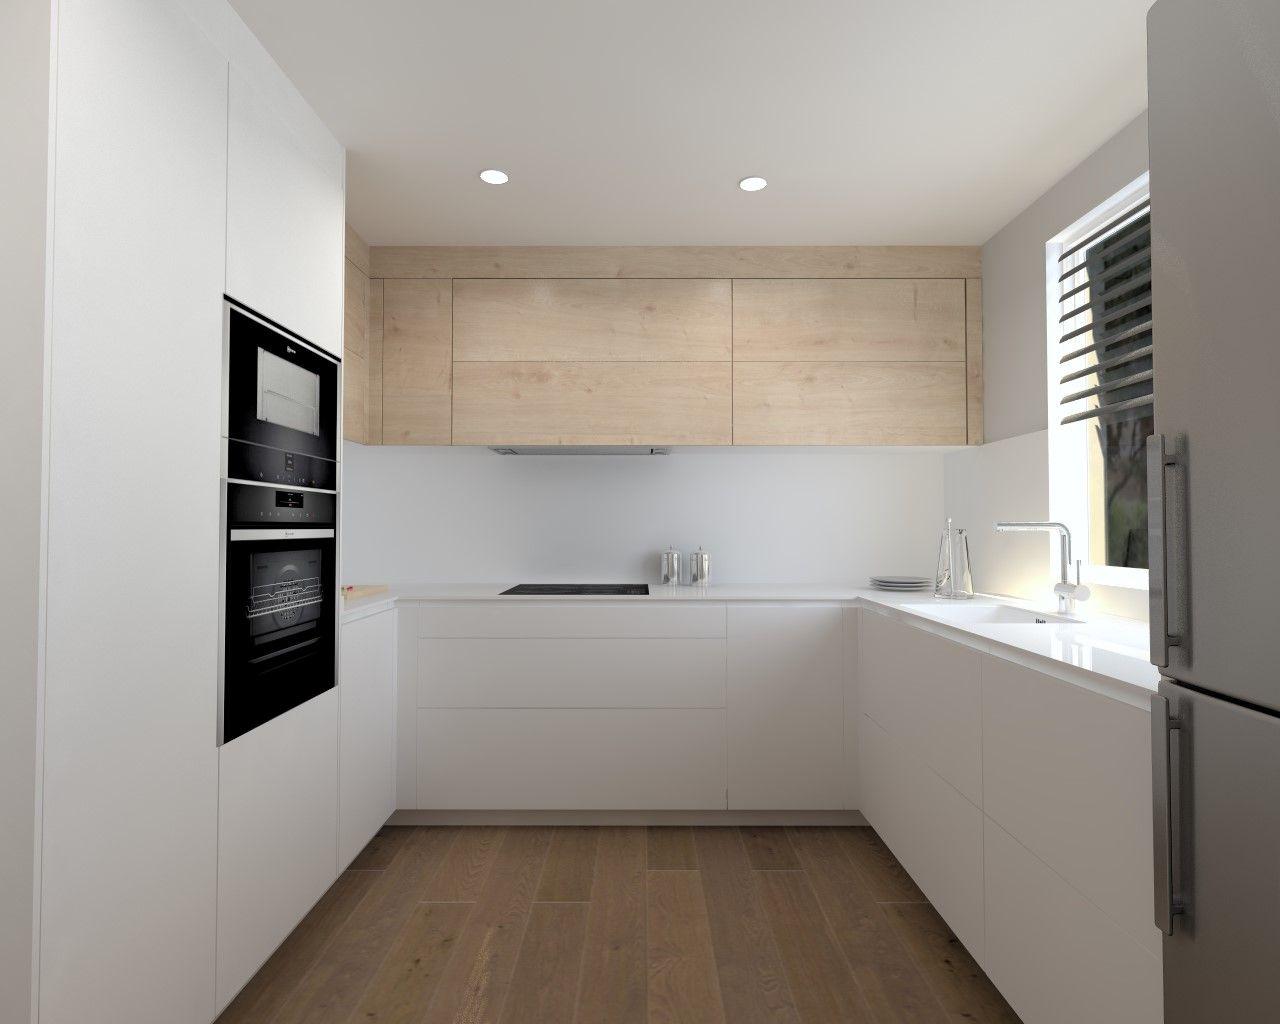 Cocina Santos Modelo Line E 13 Estratificado Blanco Innsbruk Roble Rustico Diseno De Interiores De Cocina Cocinas De Casa Diseno Muebles De Cocina